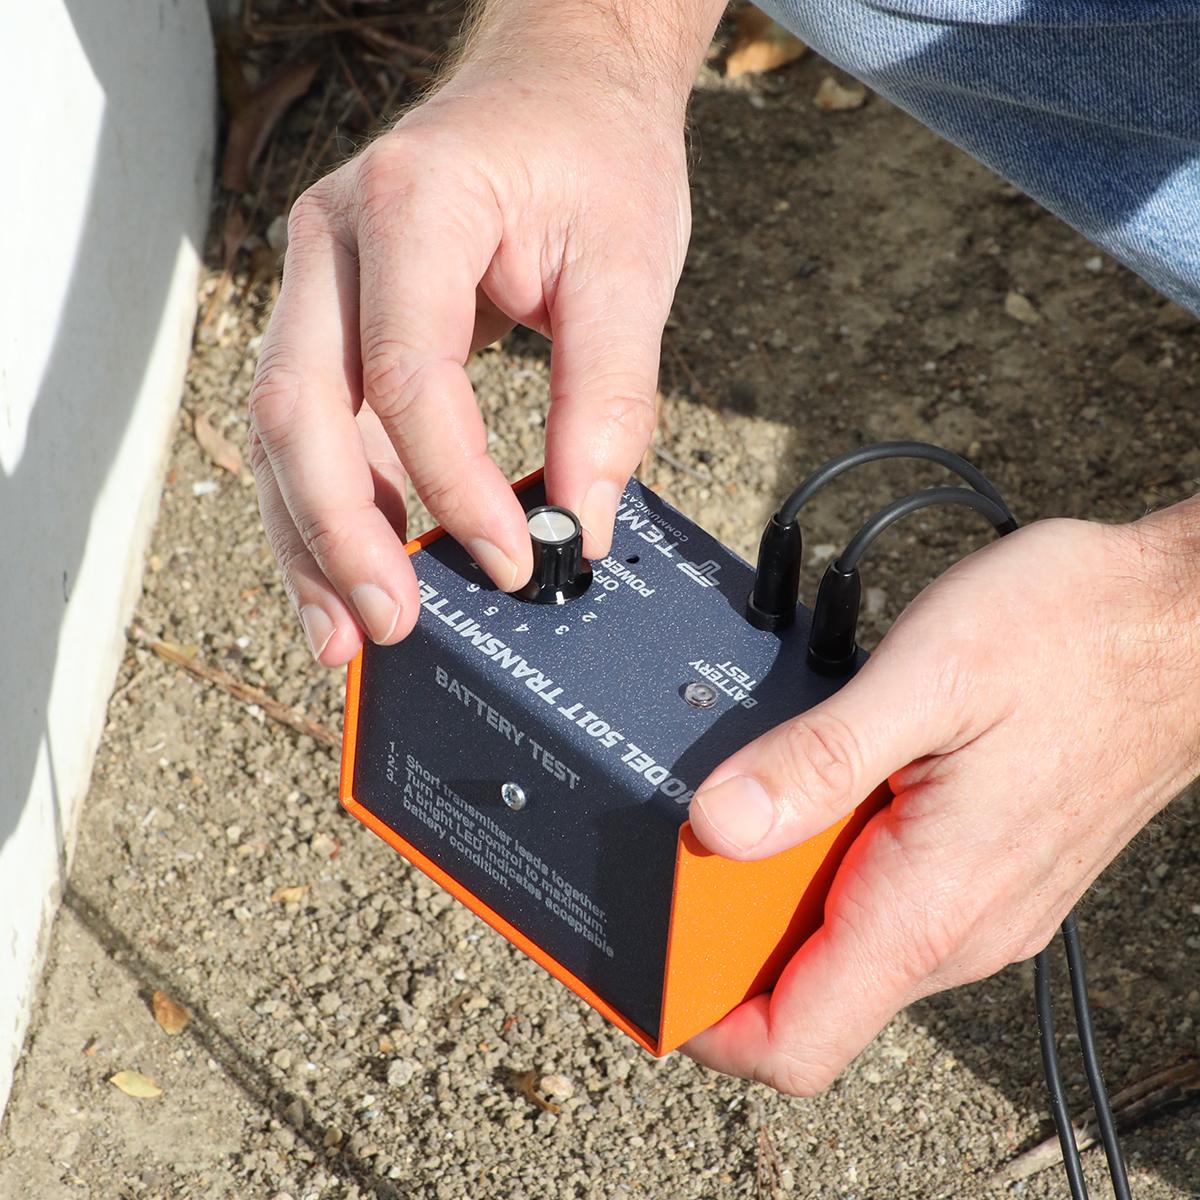 501 Tracker II Cable Locator